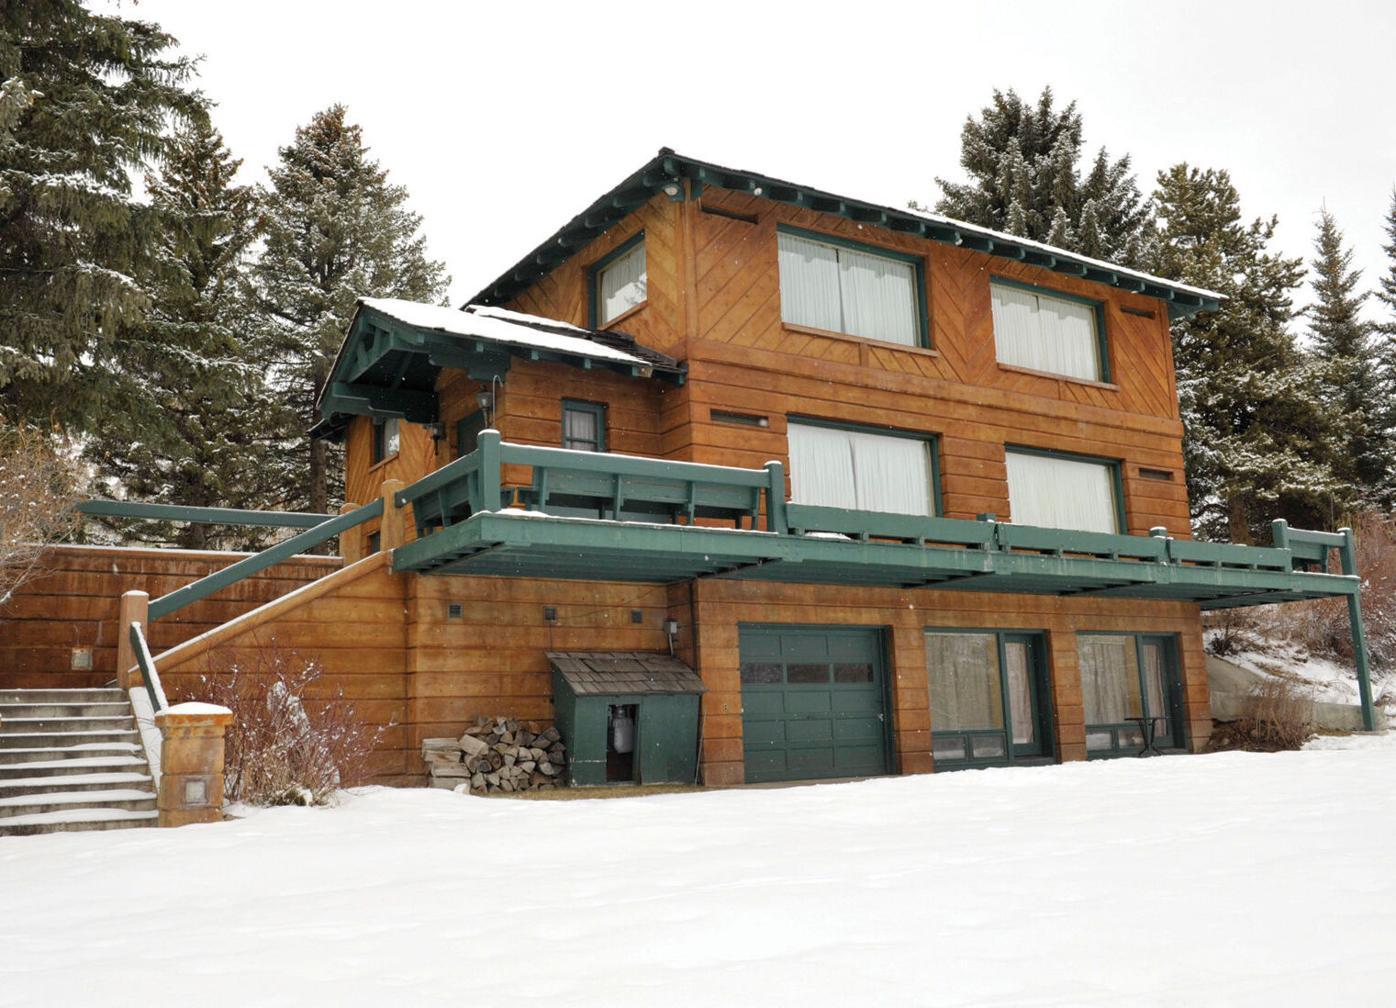 21-02-24 Hemingway House WF.jpg